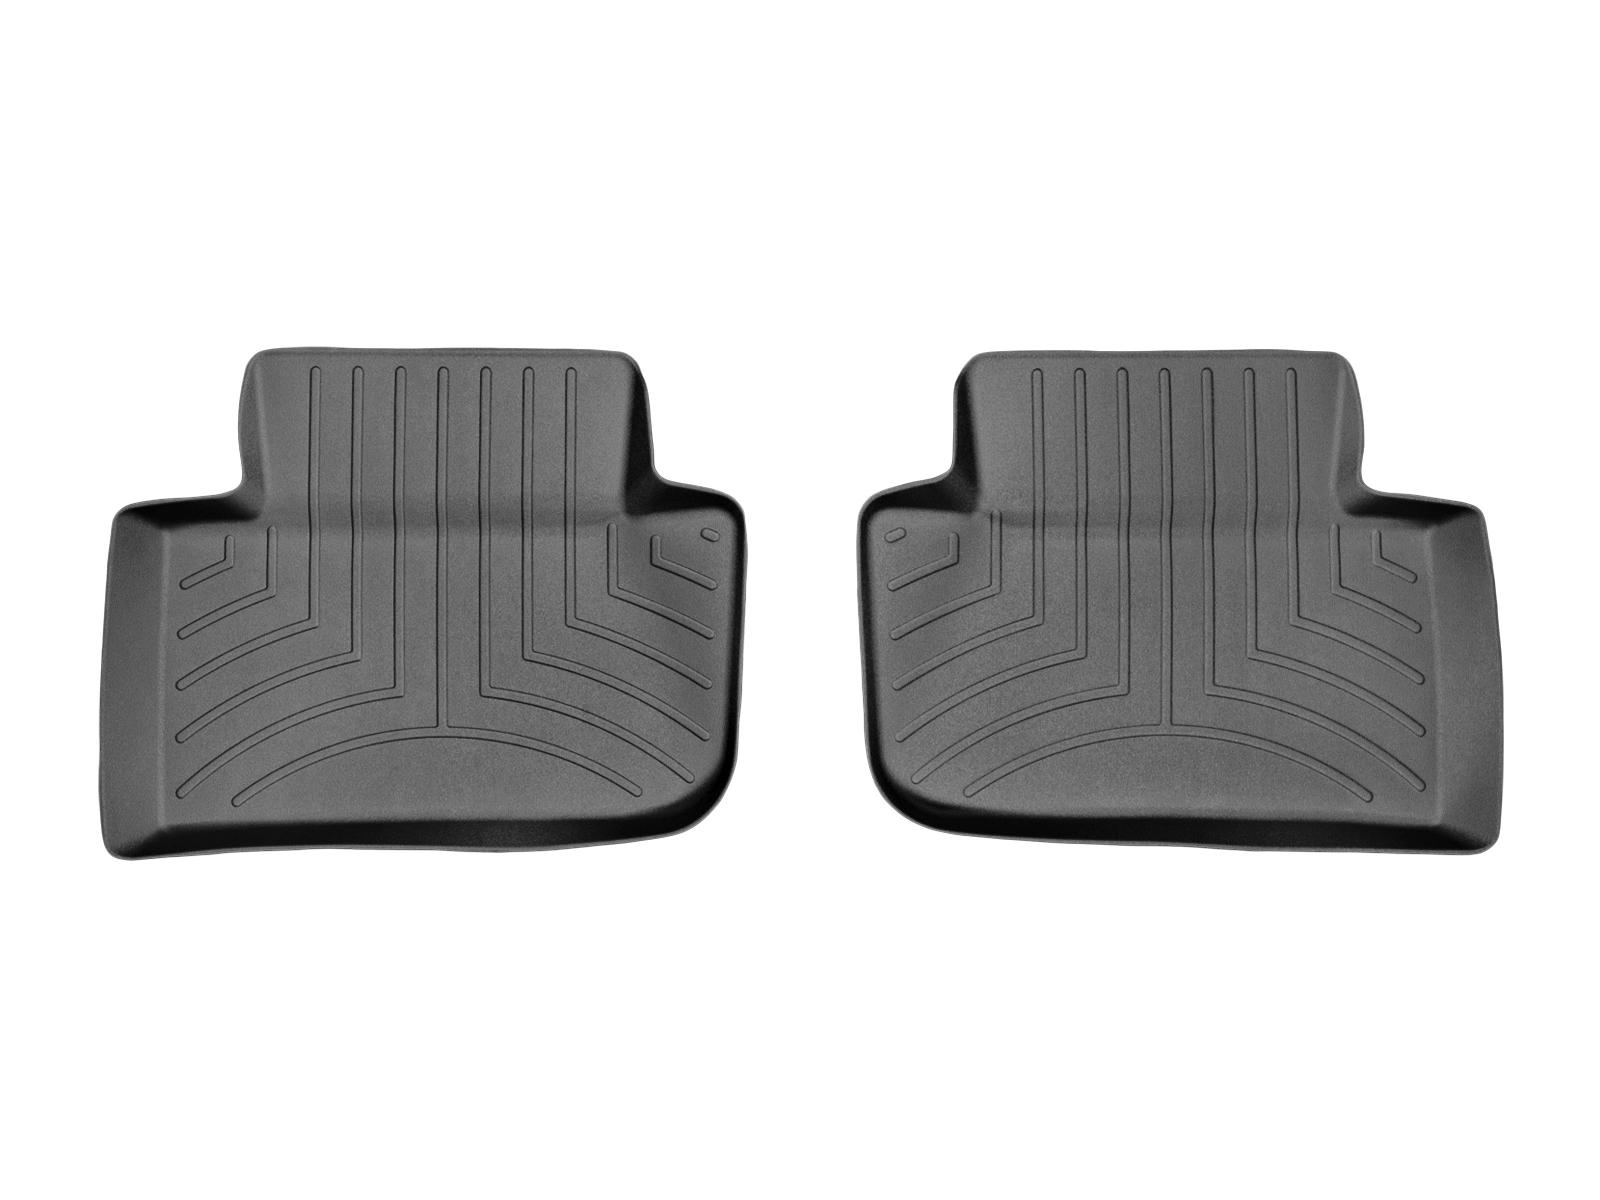 Tappeti gomma su misura bordo alto Porsche® Macan 14>17 Nero A3168